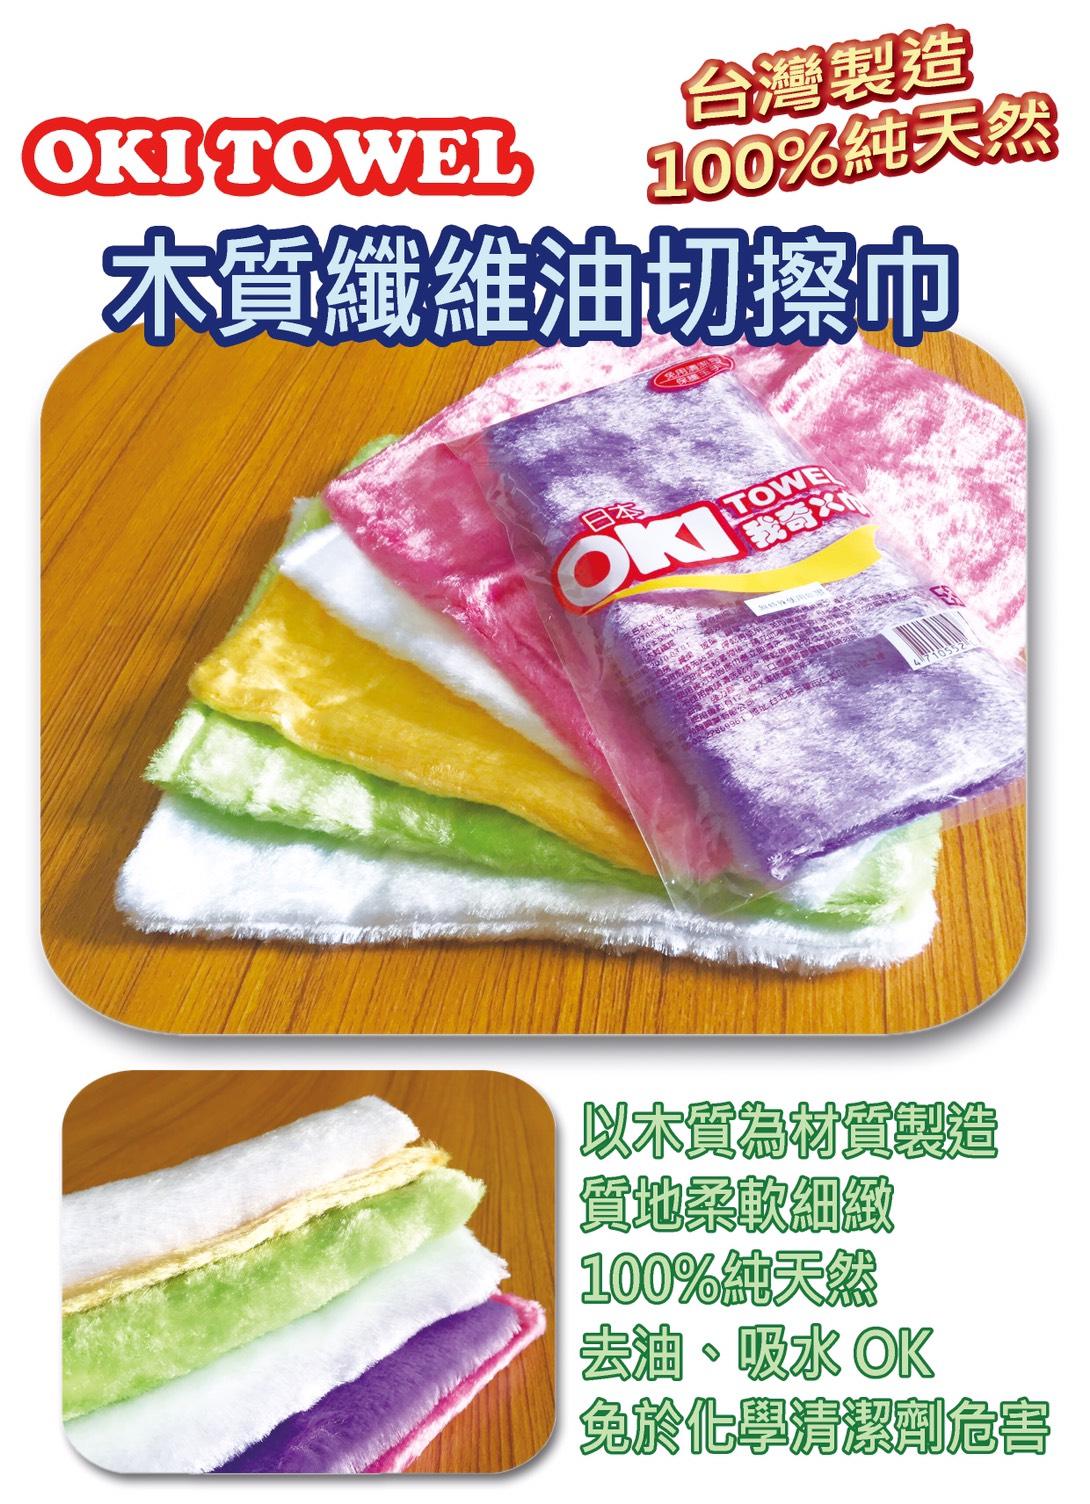 擦巾1.jpg